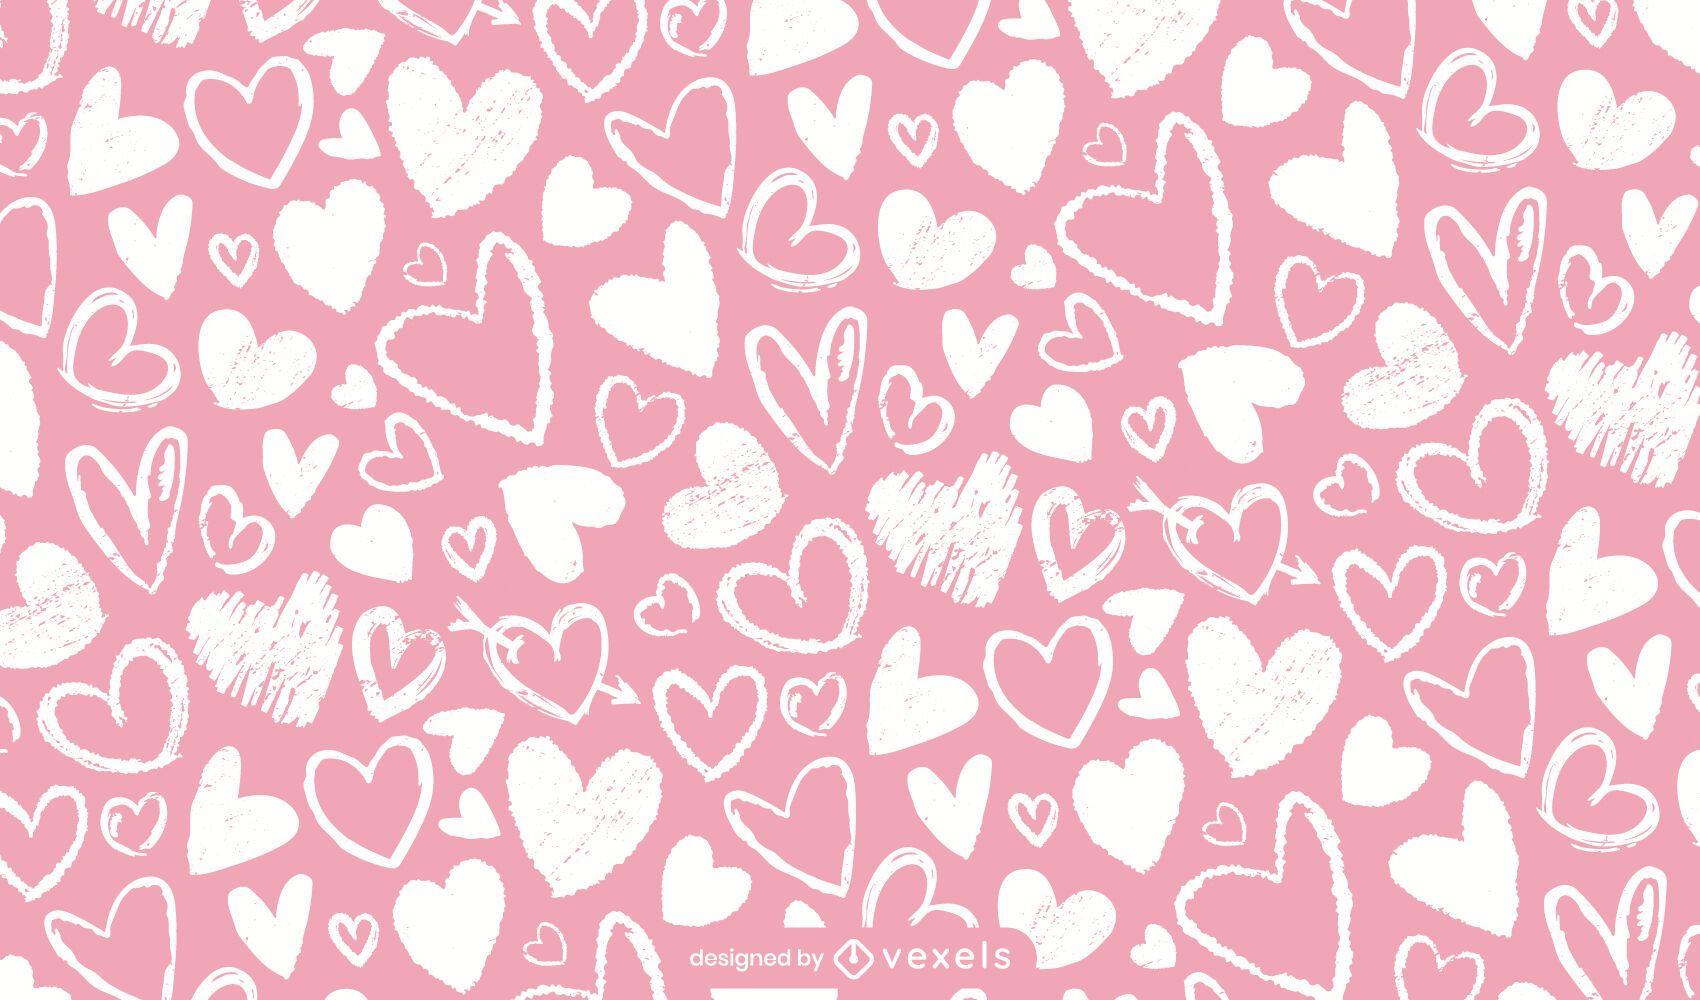 Desenho de padrão de corações de giz